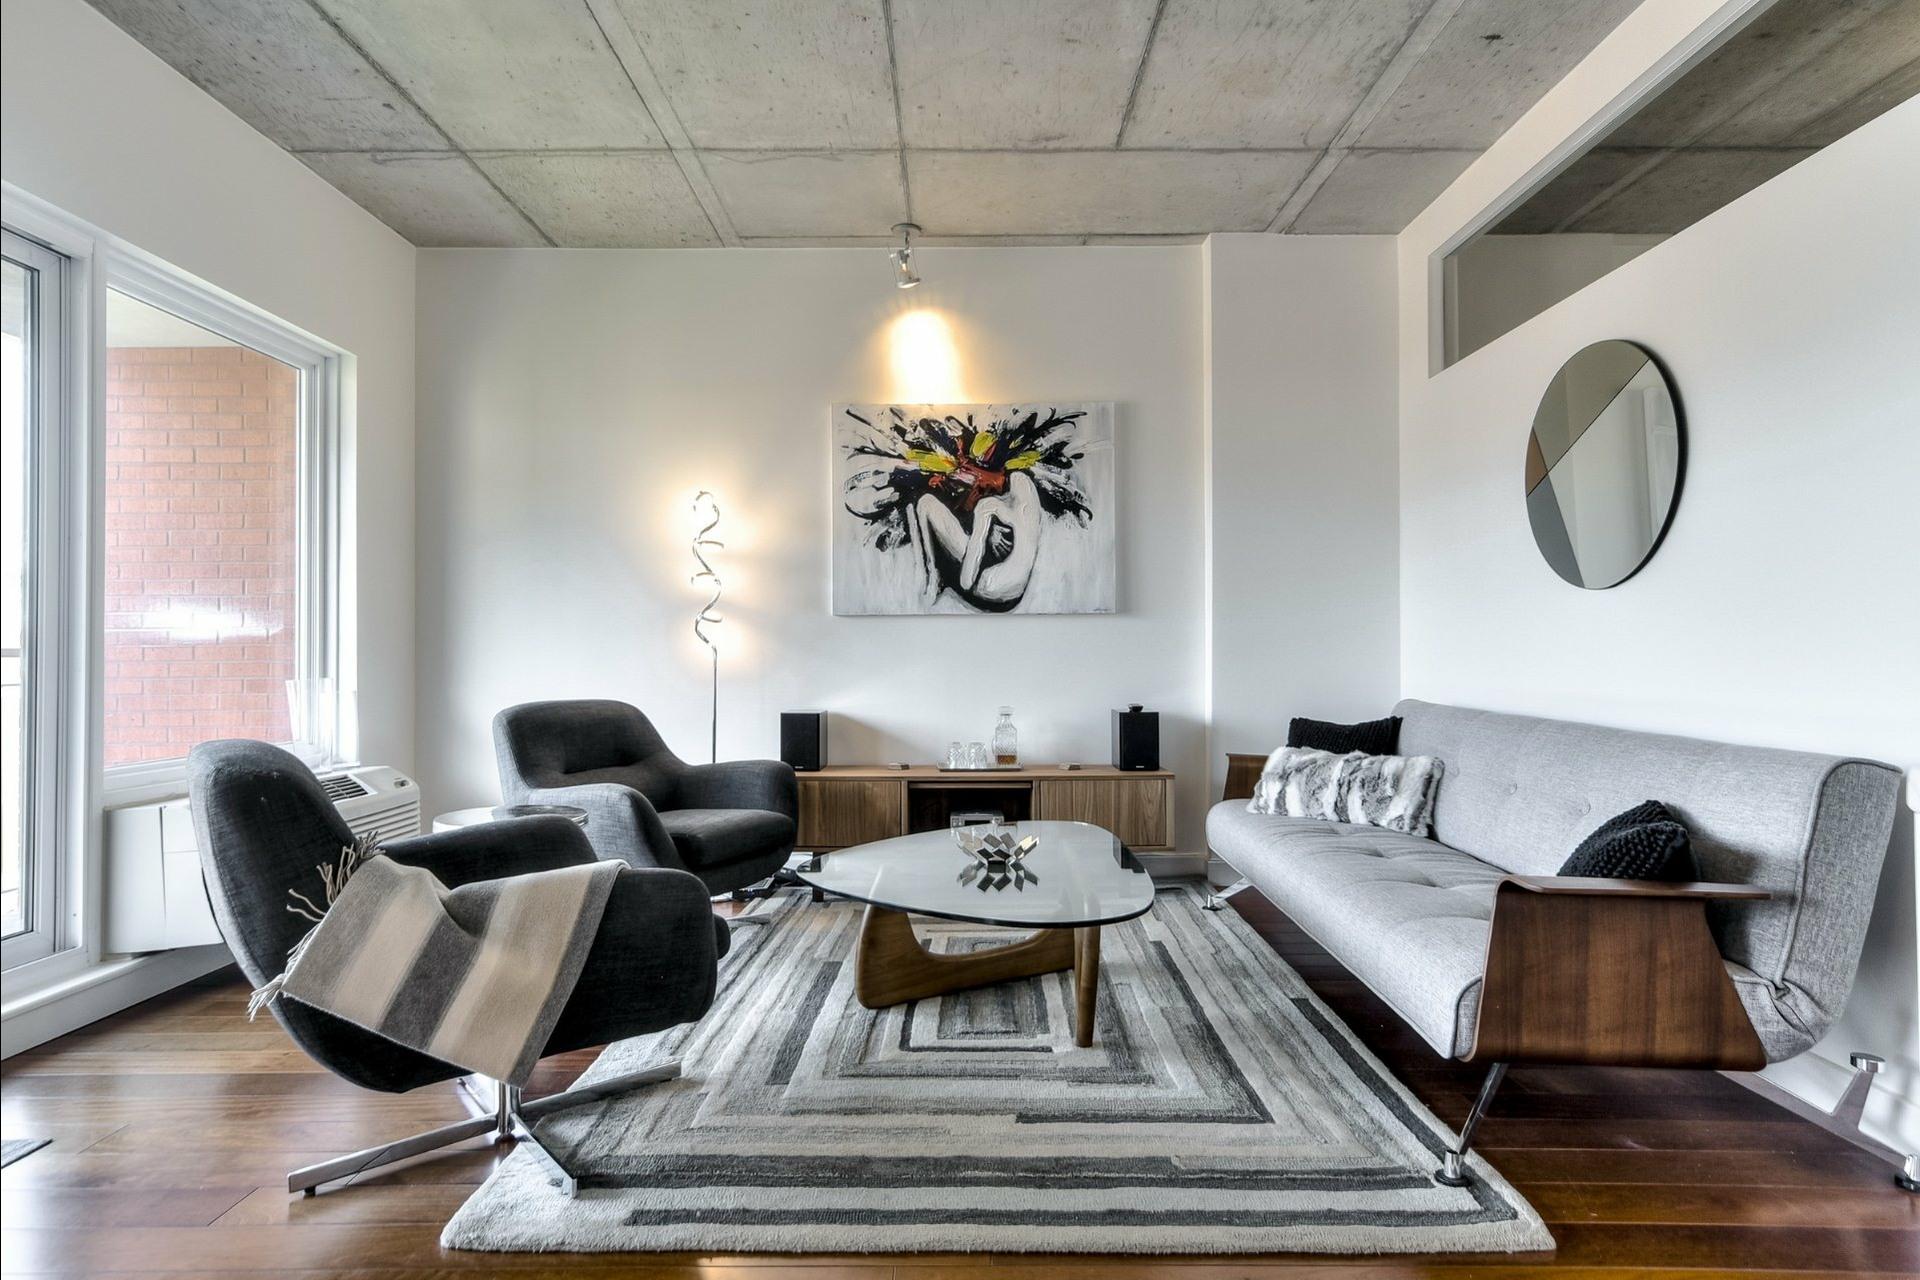 image 7 - Appartement À vendre Montréal Le Plateau-Mont-Royal  - 6 pièces